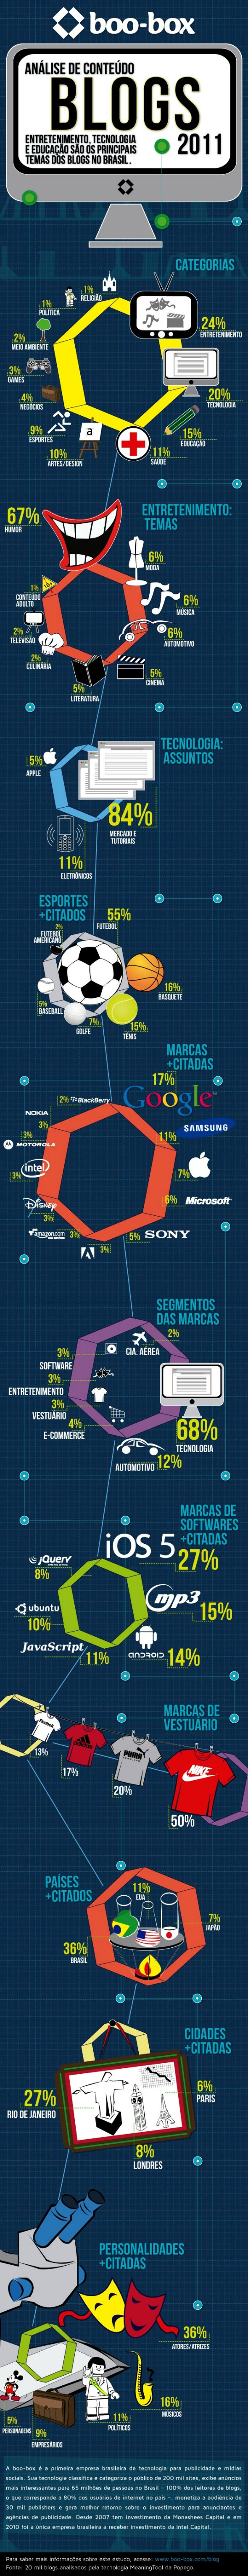 Infografico conteudo blogs brasil